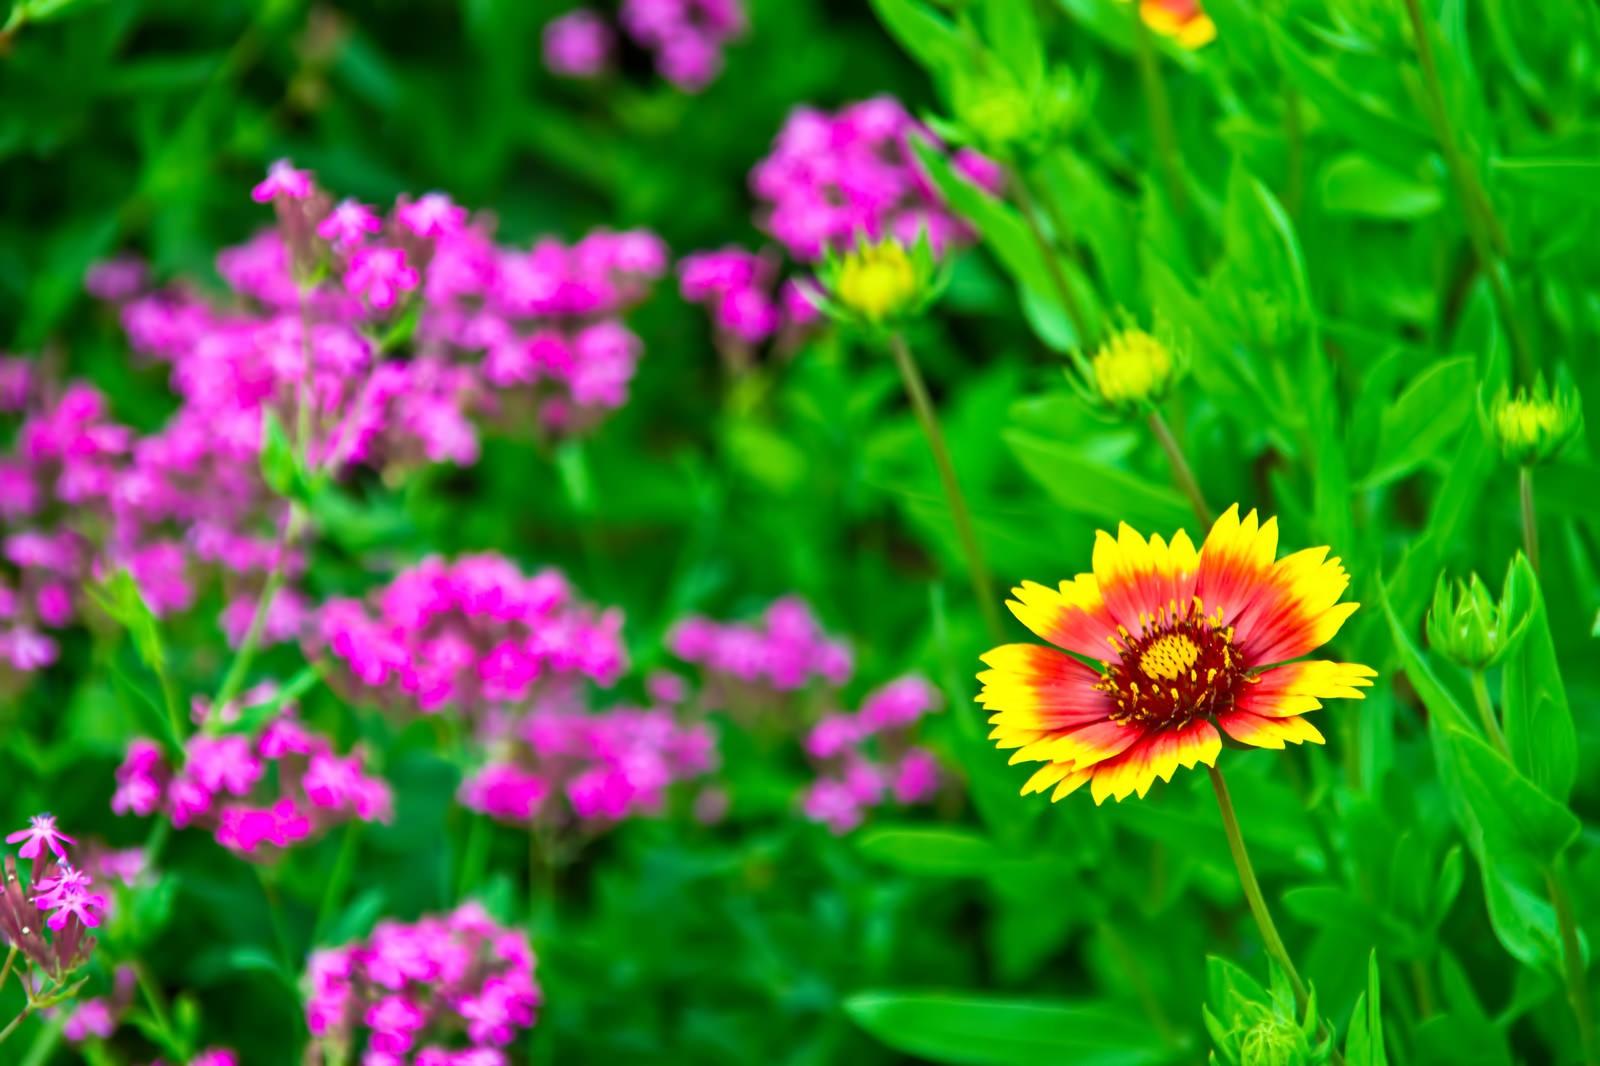 「黄色とオレンジ色の花」の写真